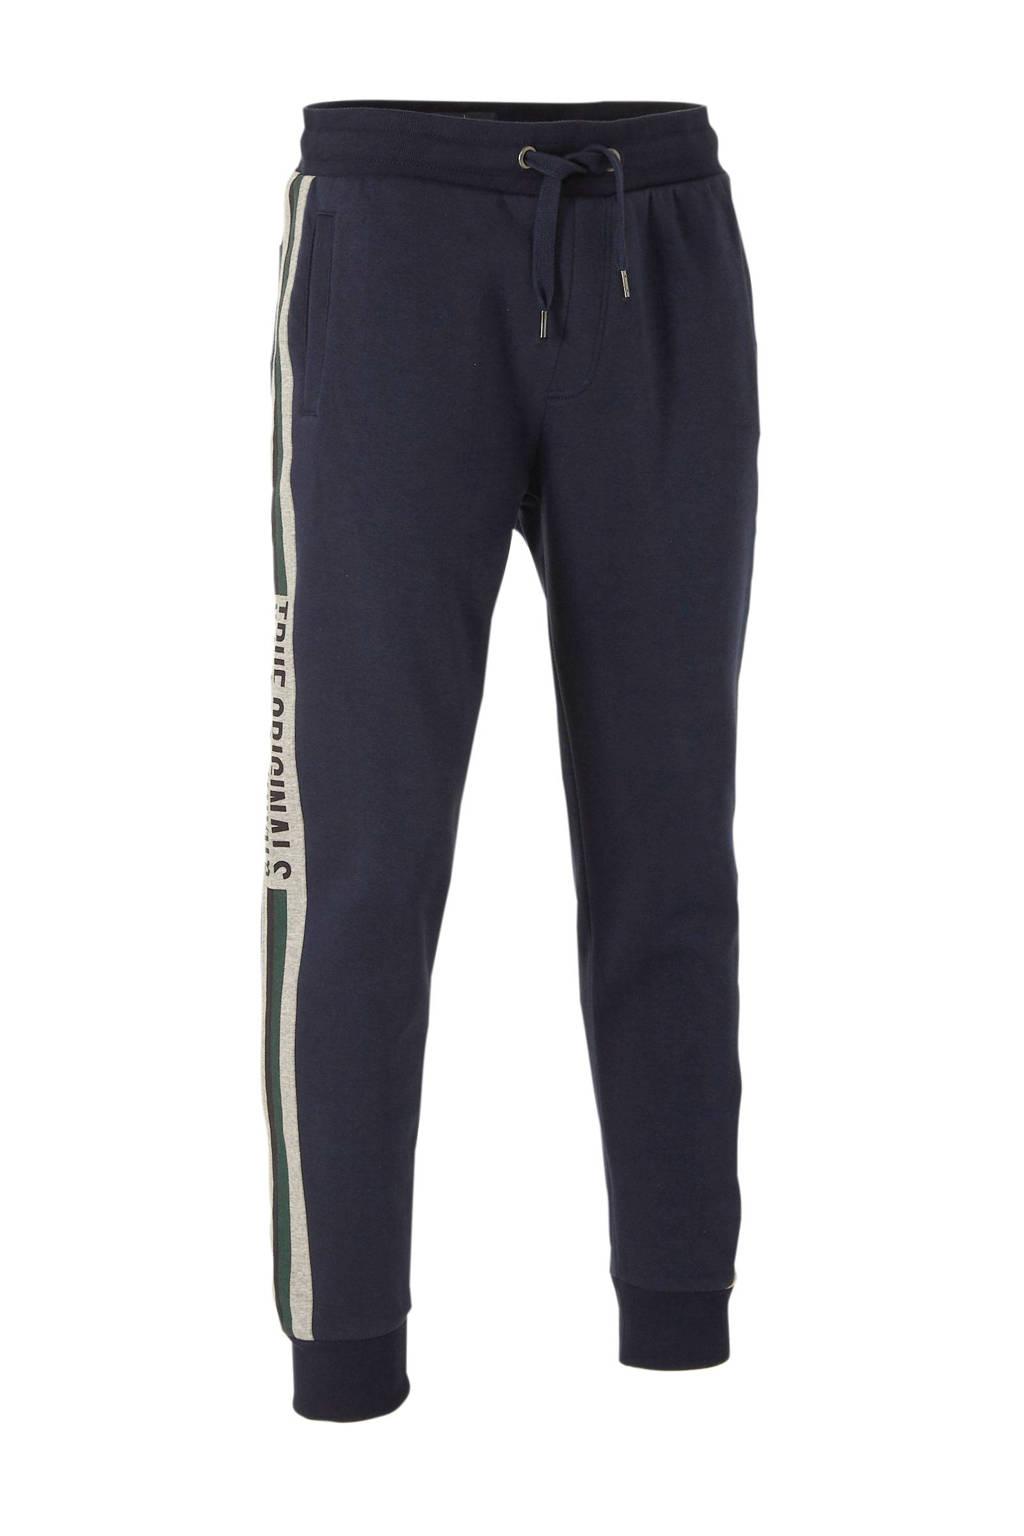 C&A Angelo Litrico straight fit joggingbroek met printopdruk donkerblauw/grijs/groen, Donkerblauw/grijs/groen